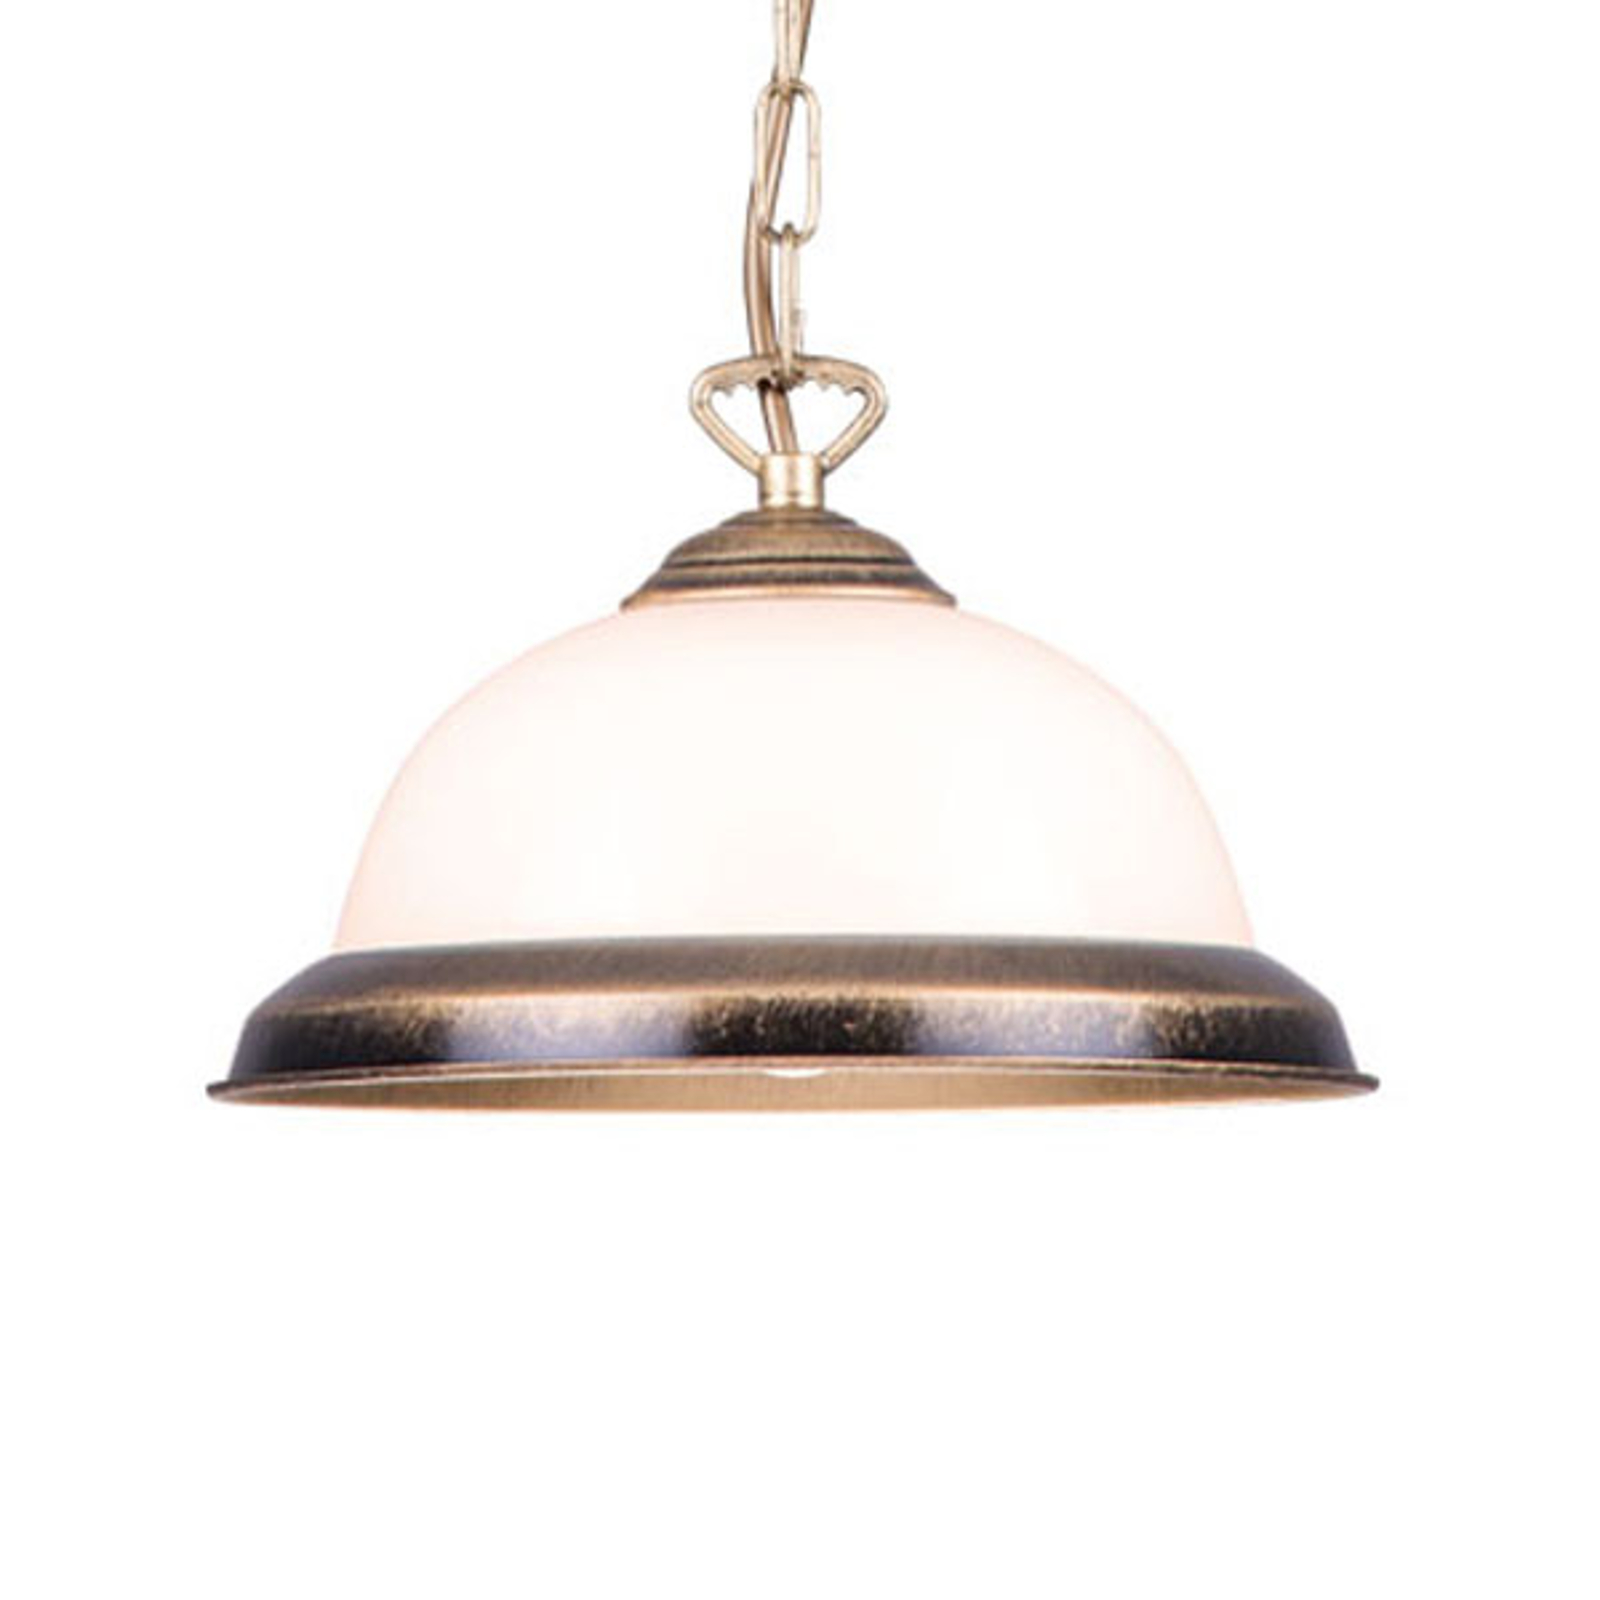 Torio hængelampe, 1 lyskilde, håndmalet